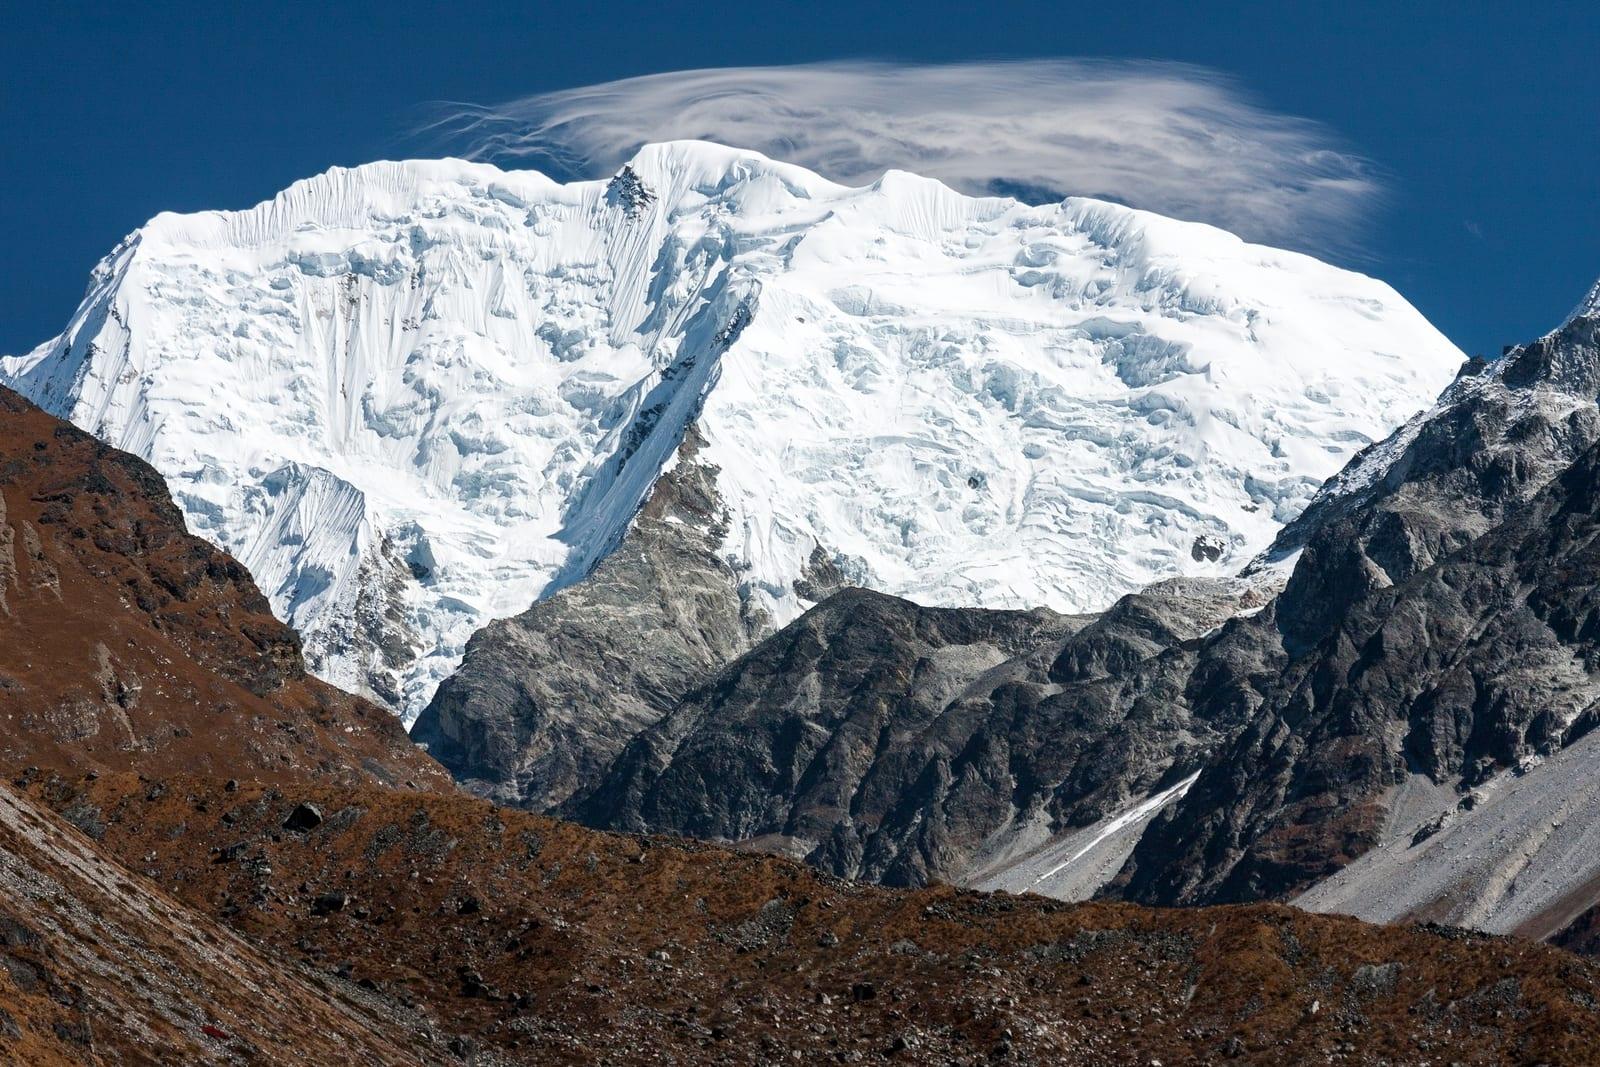 Mt. Shishapangma - hoogste bergen ter wereld